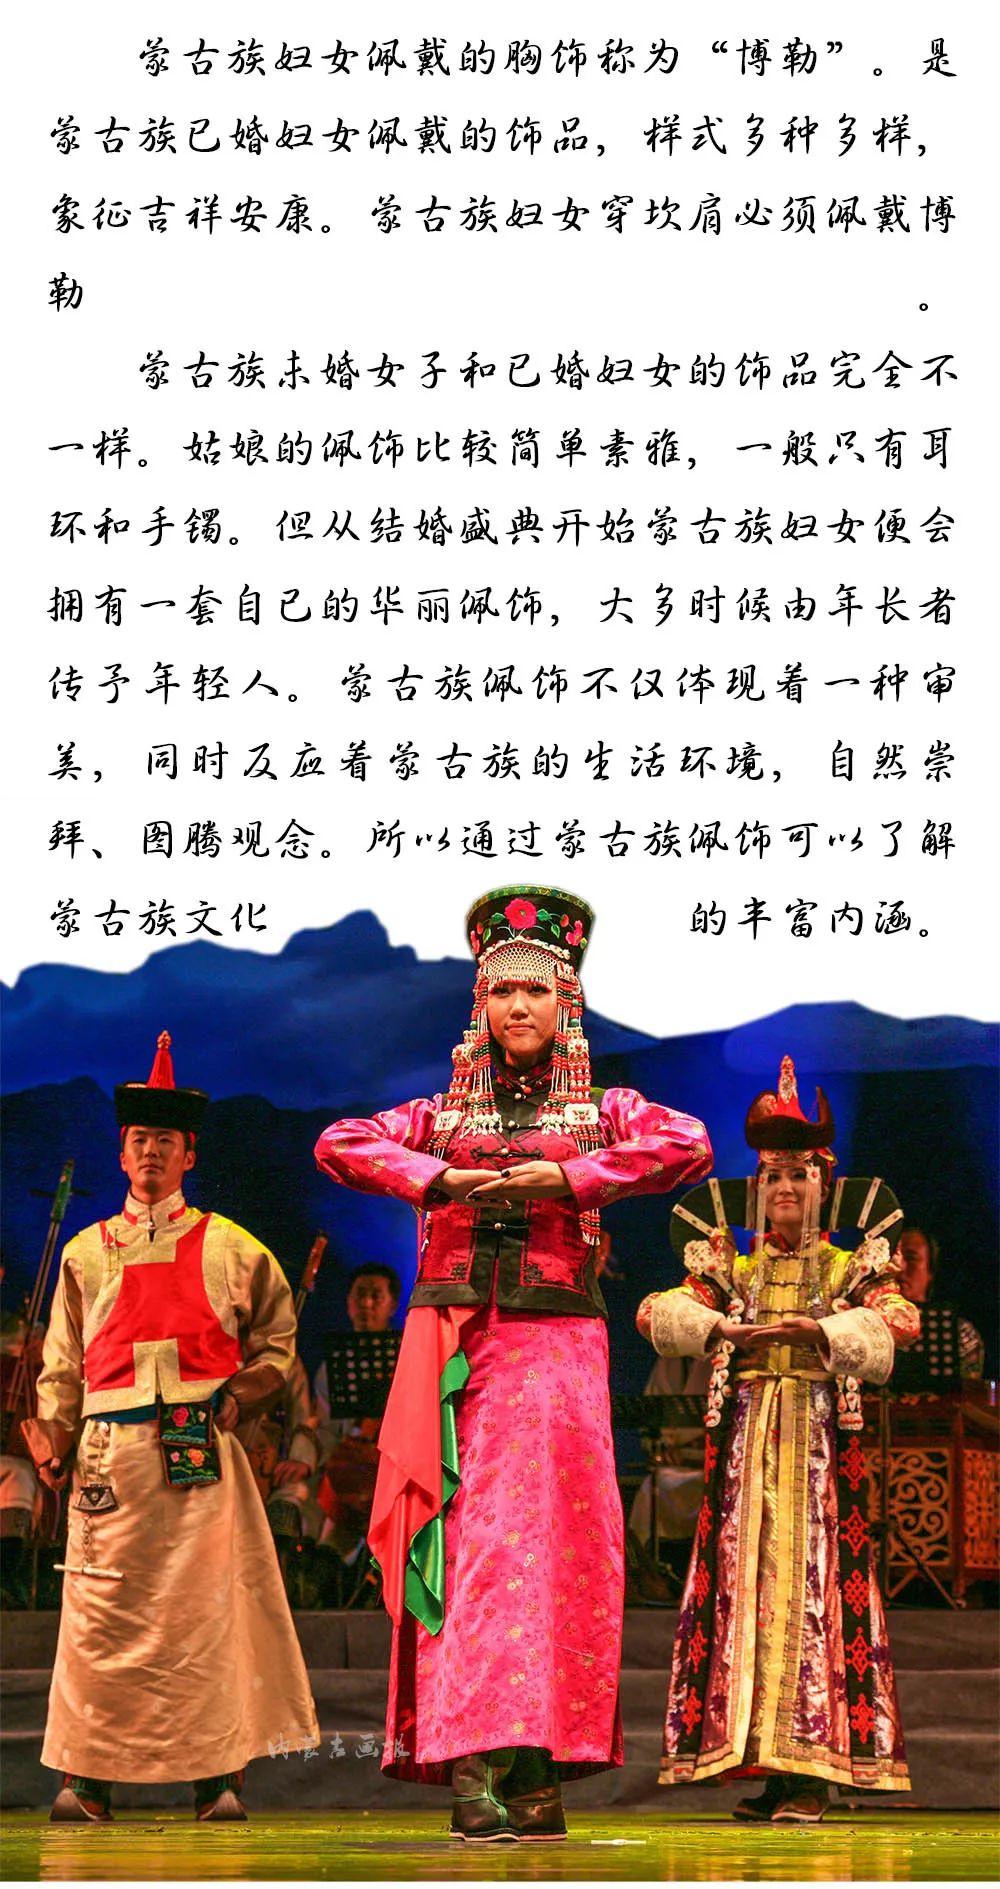 装点世界的蒙古族佩饰 | 女士篇 第11张